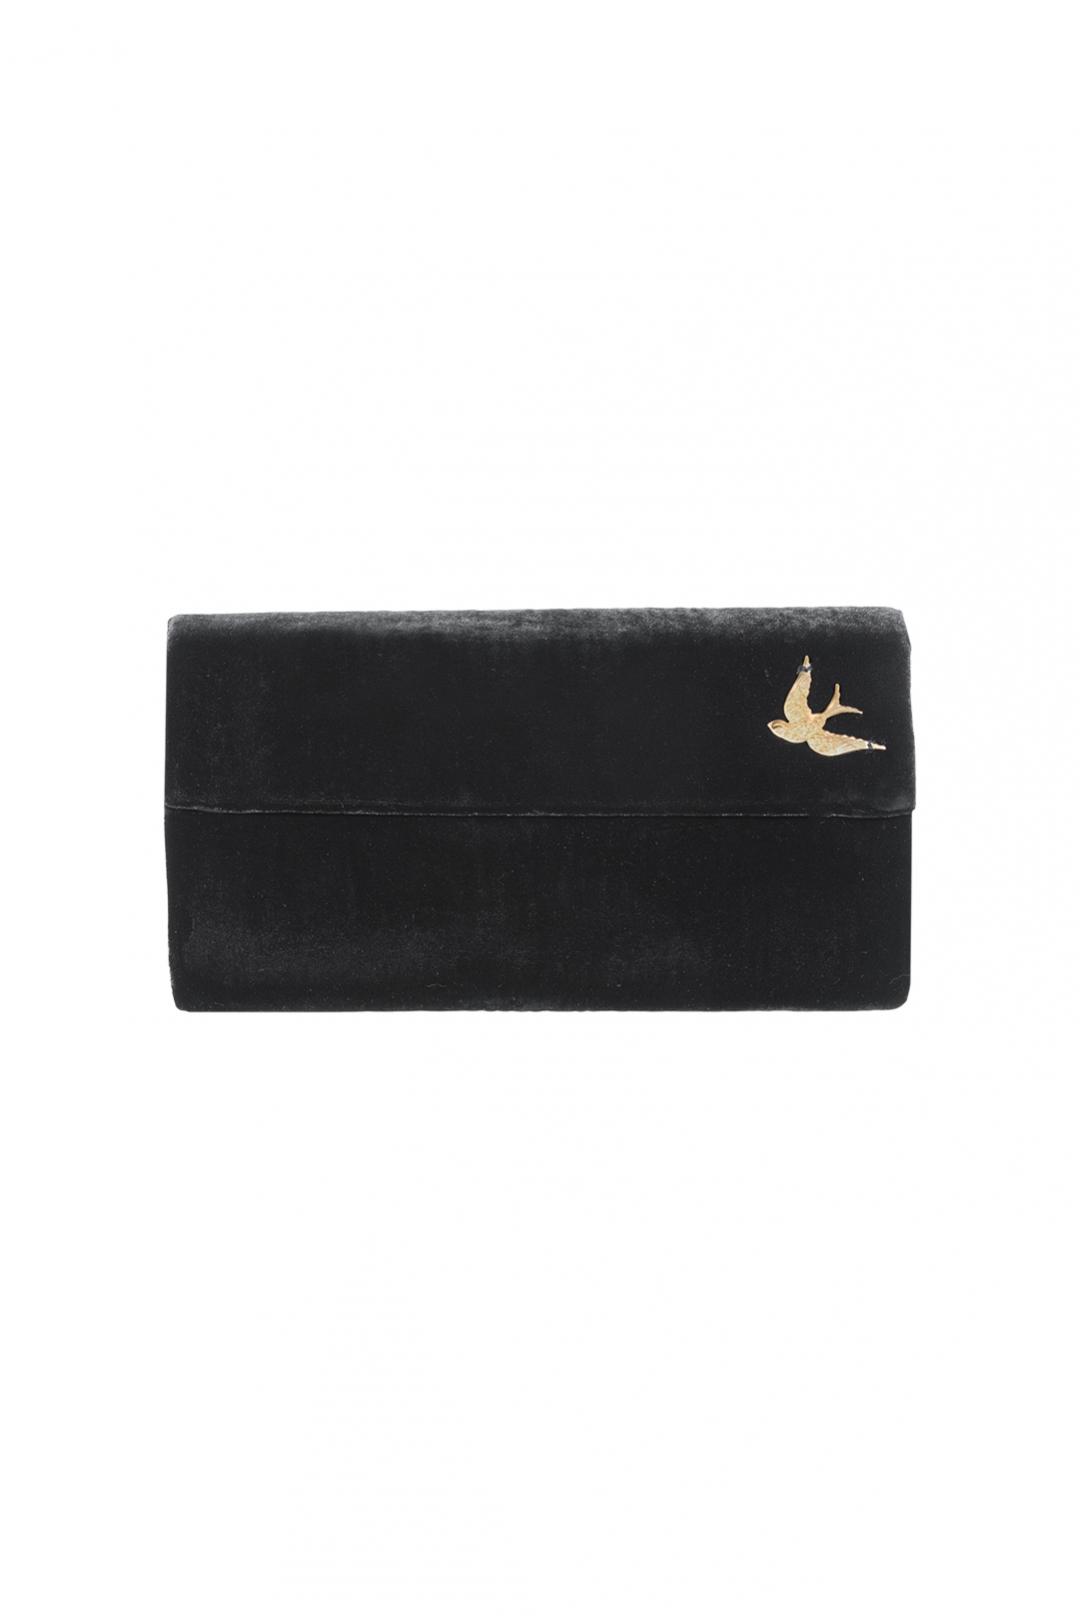 front - Bolso Velvet Bird